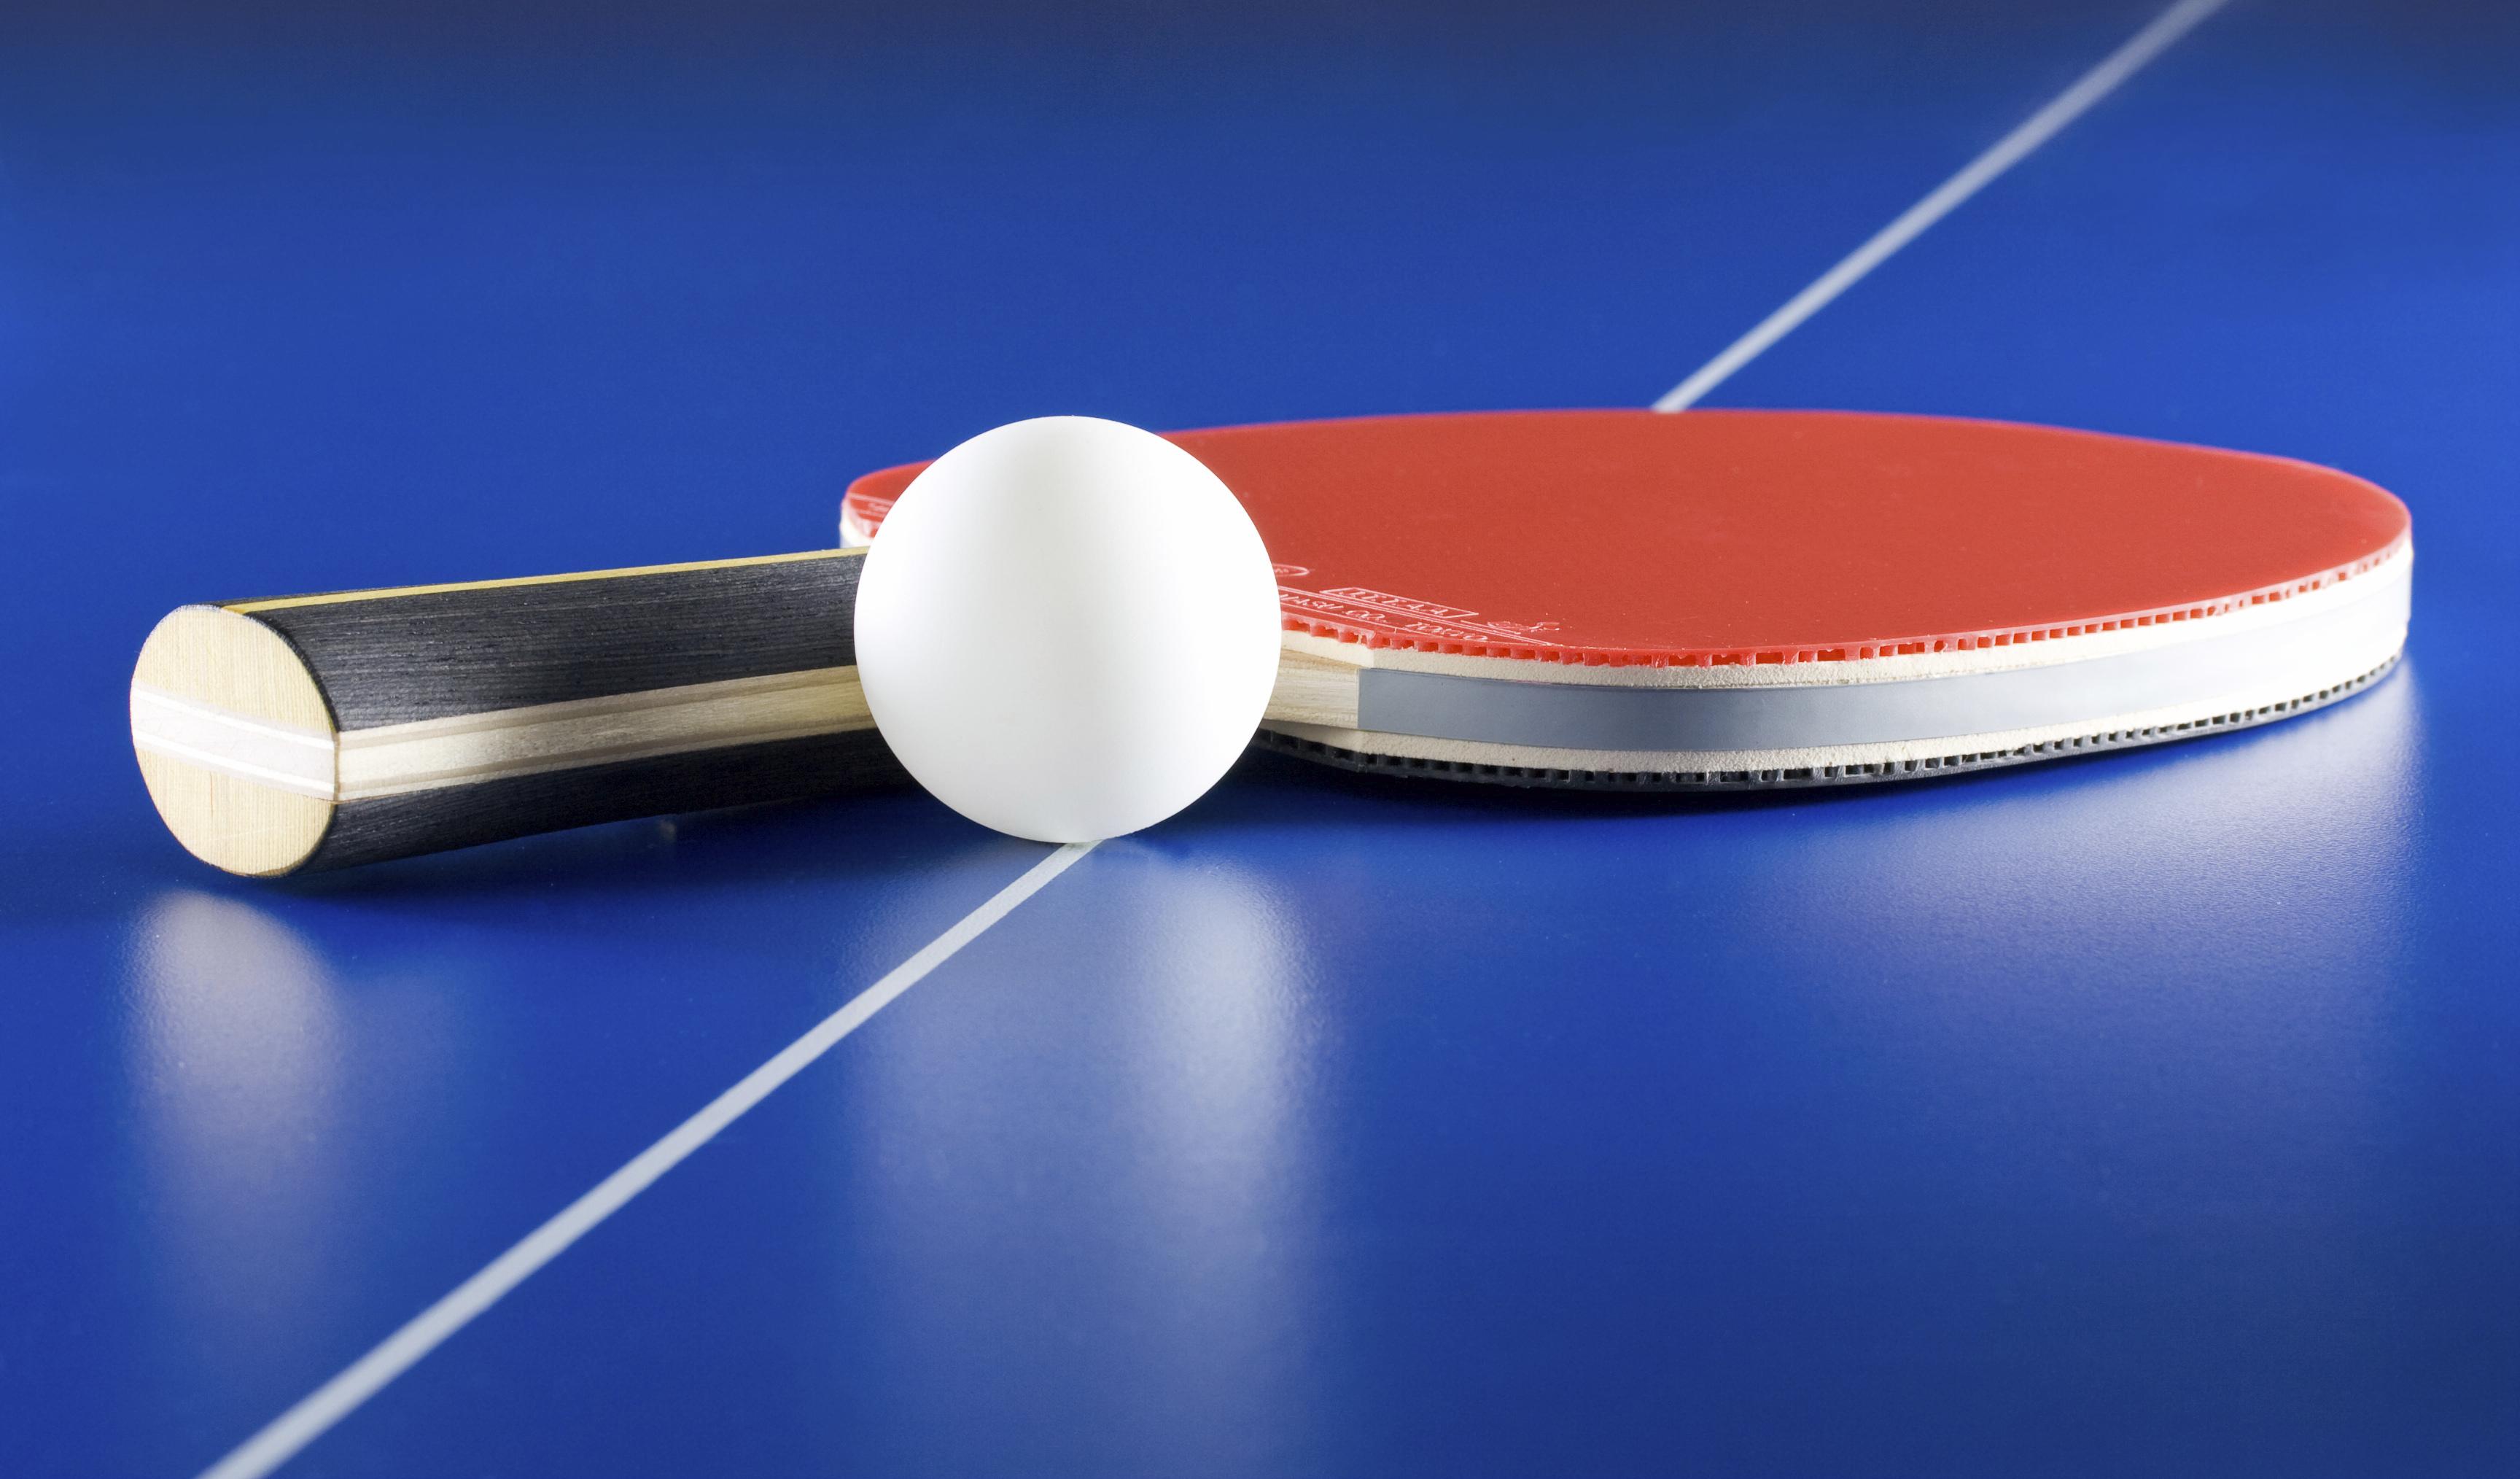 Zapraszamy na wspólne granie w tenisa stołowego